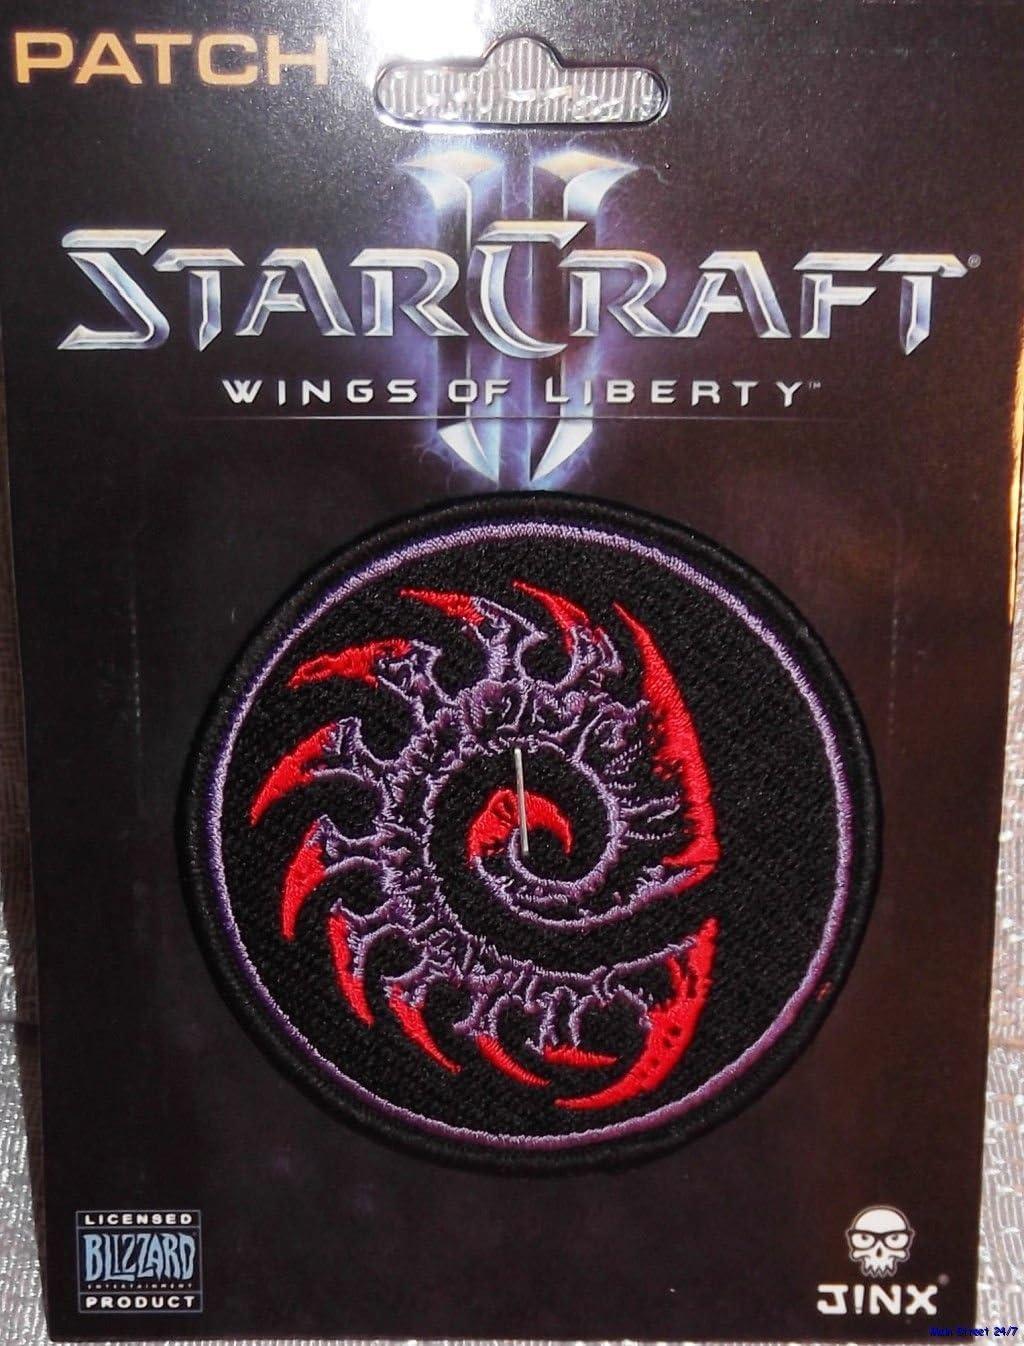 Starcraft alas de libertad Zerg bordado parche: Amazon.es: Juguetes y juegos